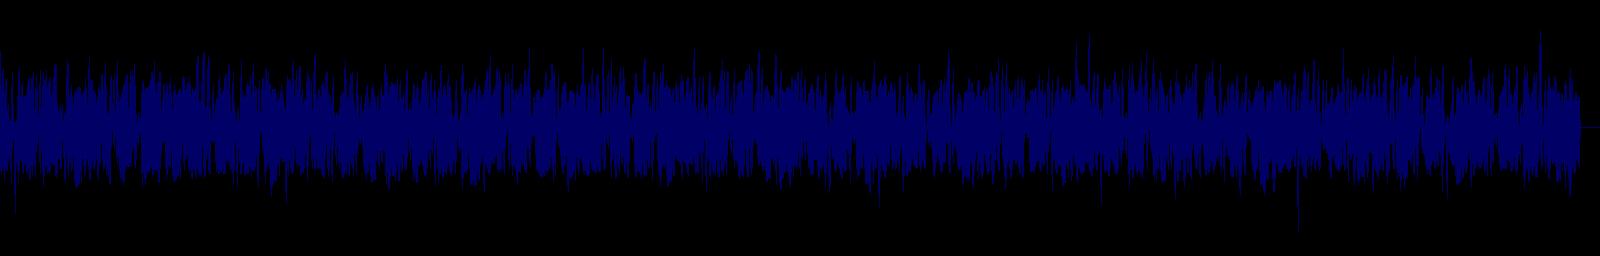 waveform of track #150650